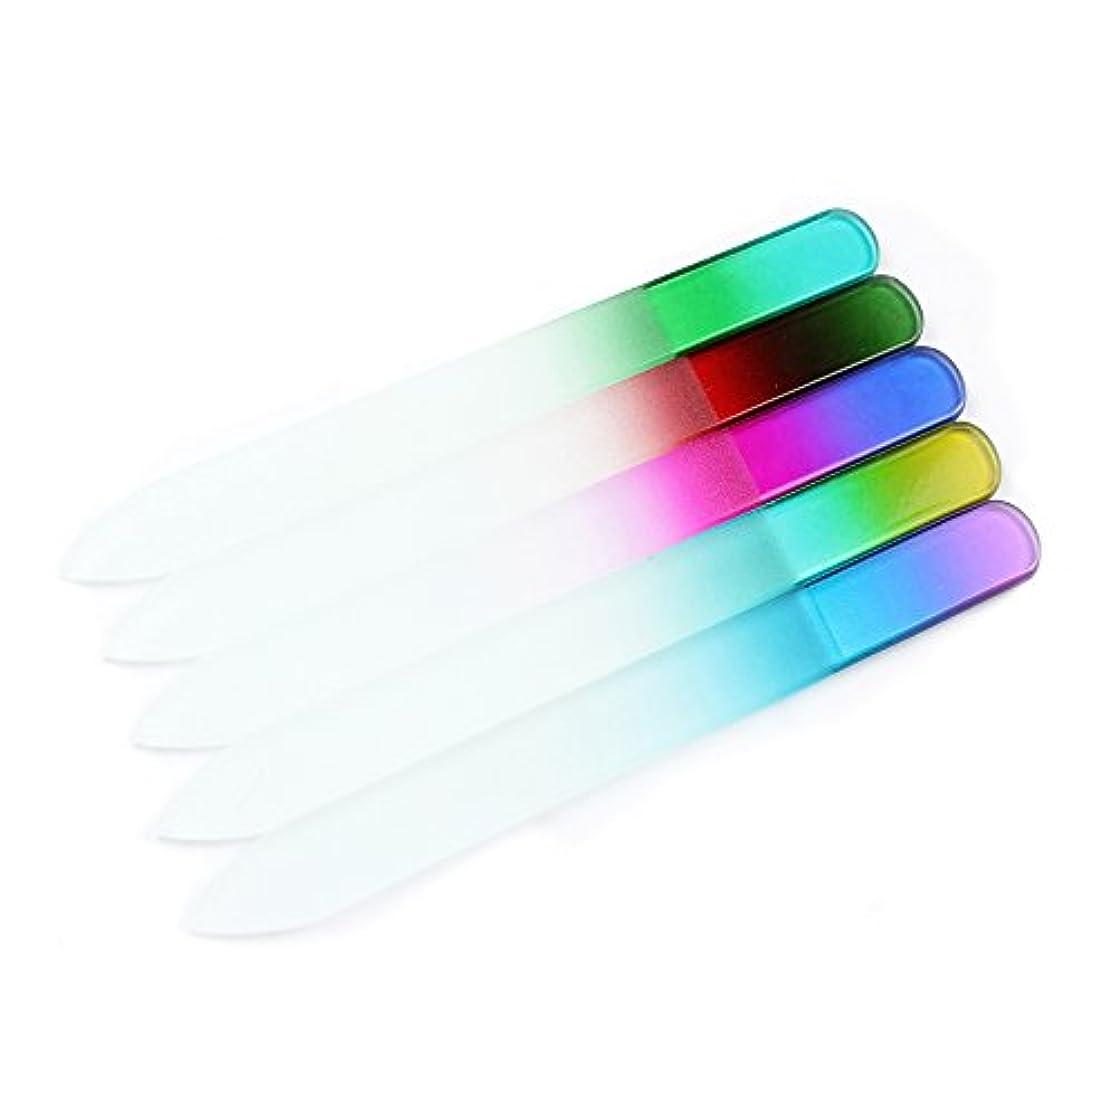 回復する広がりサバントFingerAngel 爪やすり ガラス製 5個セット 削りやすいネイルヤスリ 両面タイプ ネイルケア